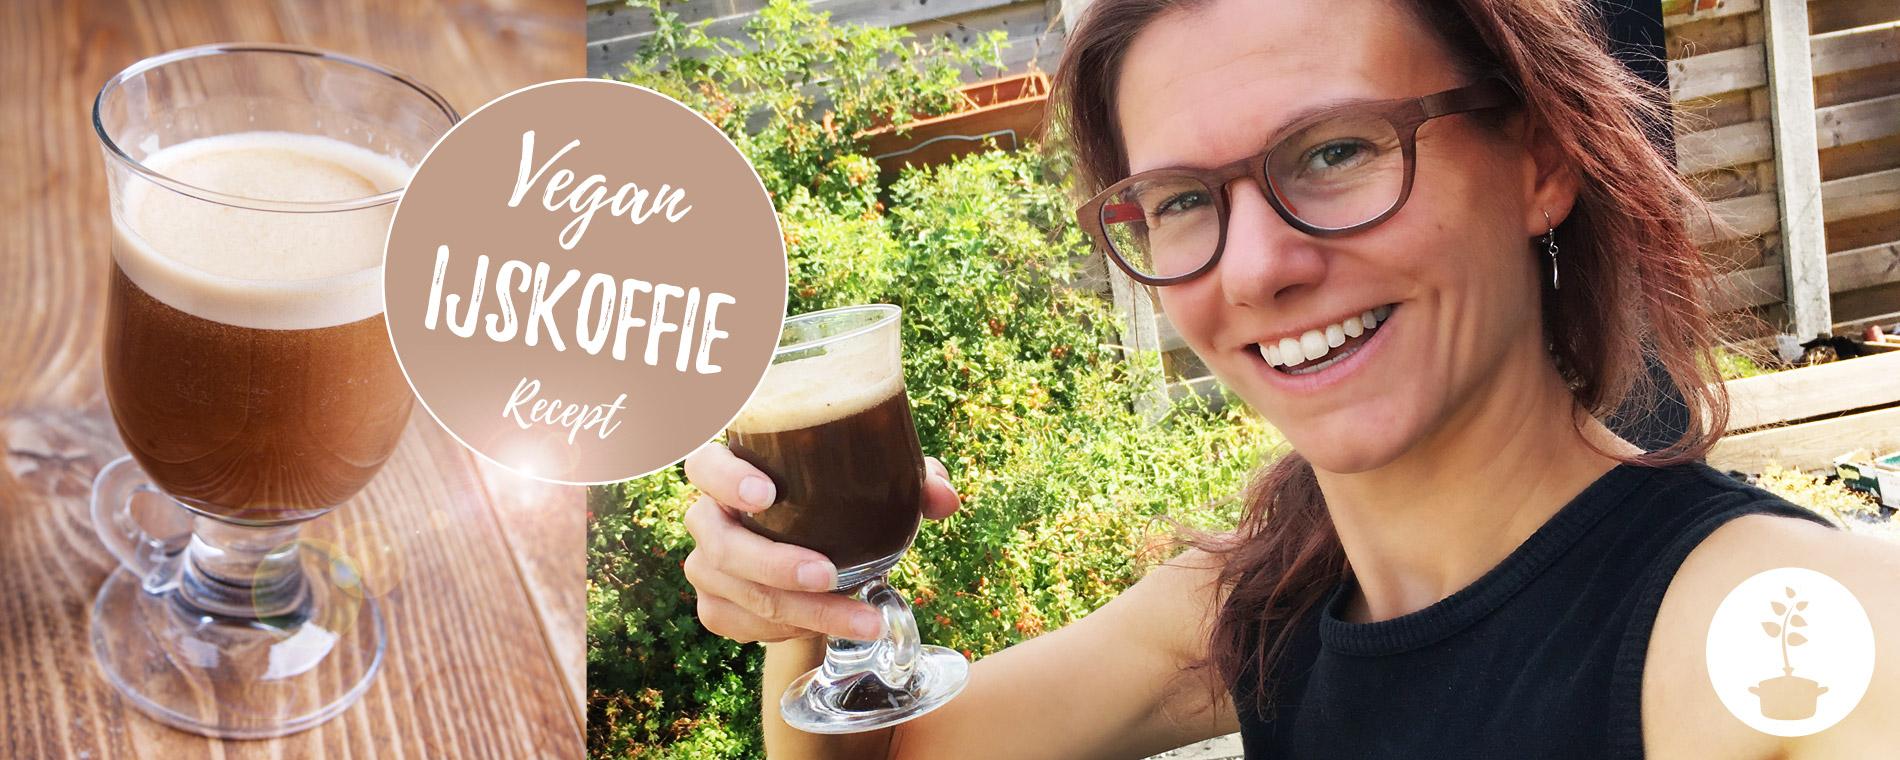 Vegan ijskoffie maken - recept - suikervrij